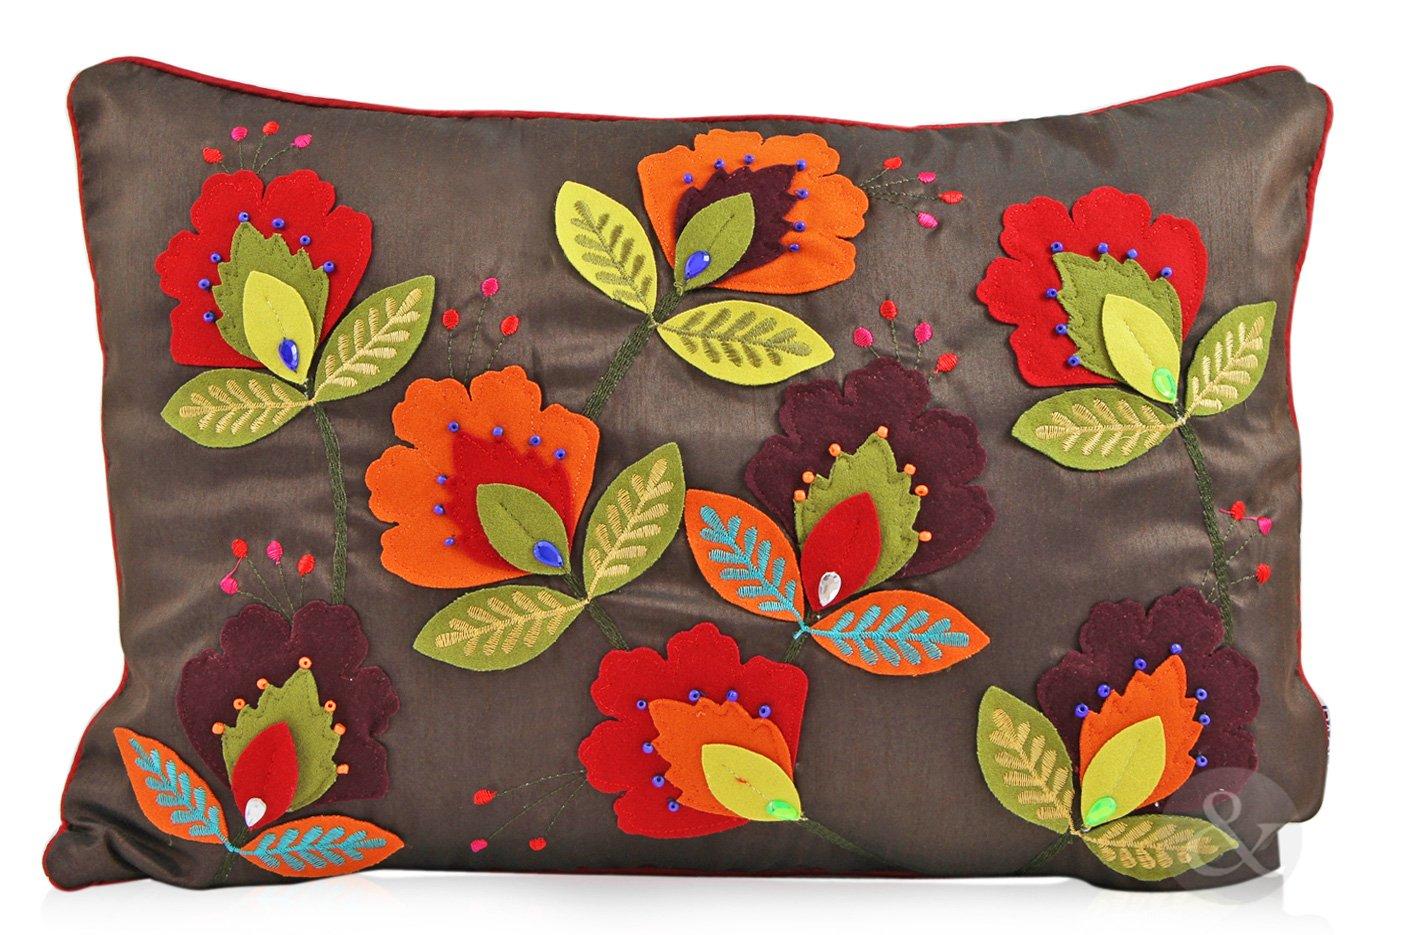 Amazon.com: Fieltro cojines bordado hecho a mano grande y ...